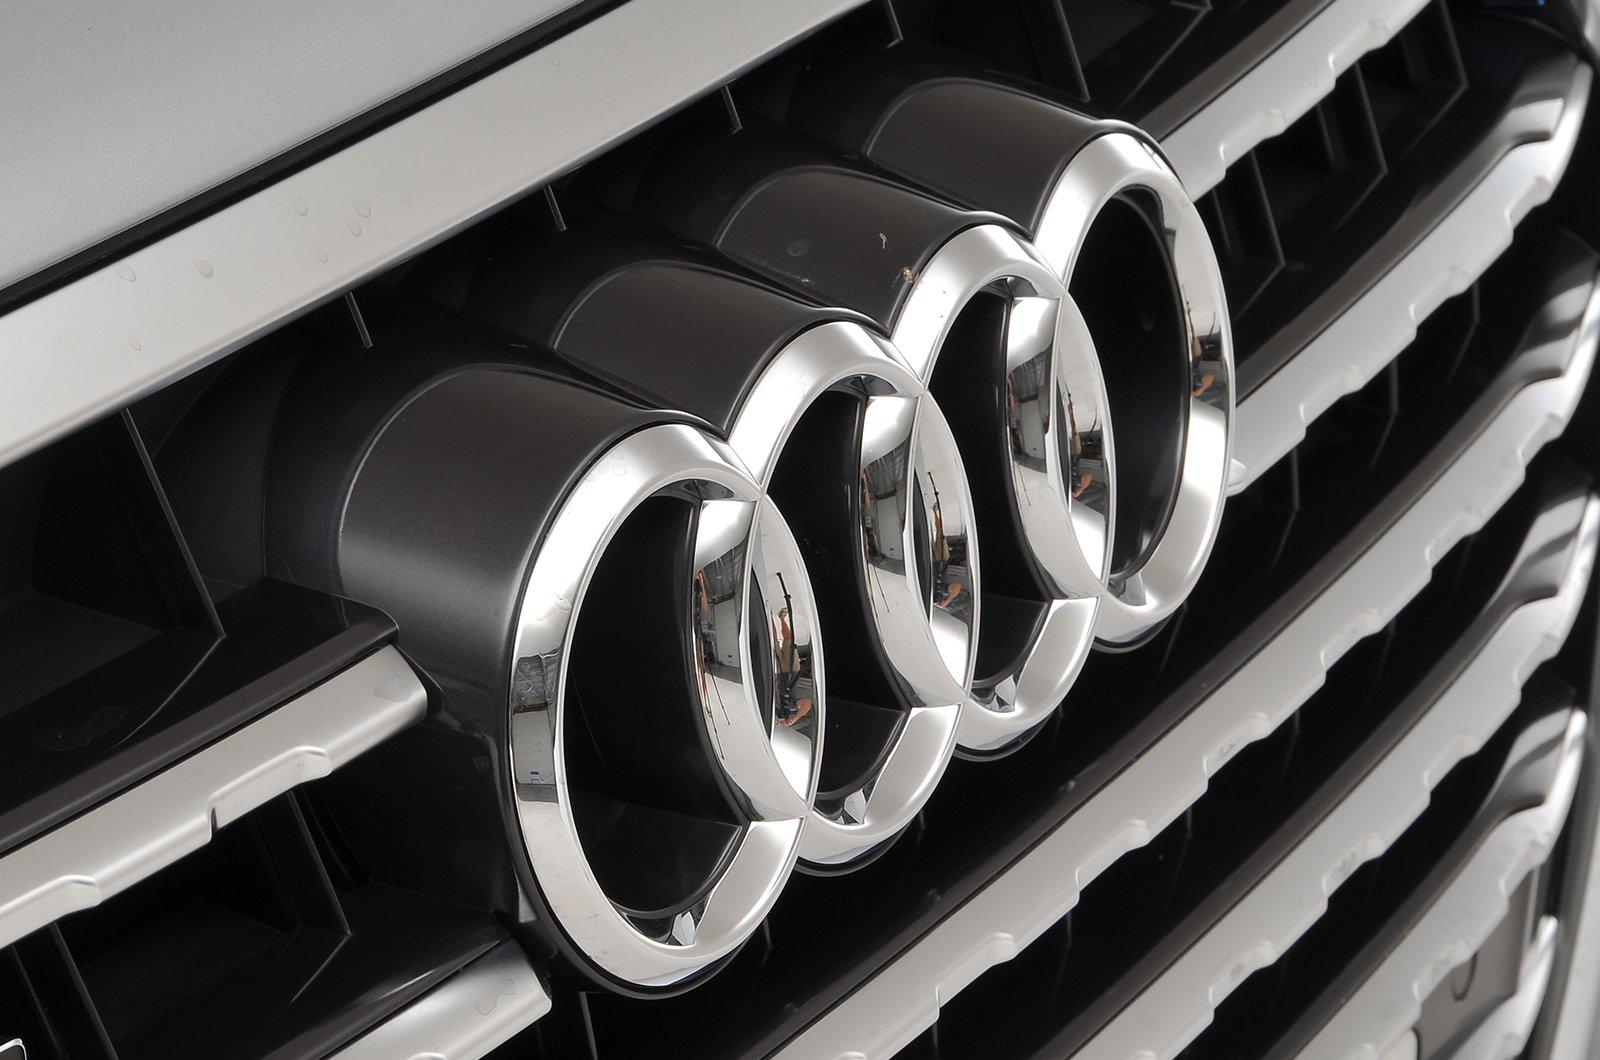 Audi Q7 badge